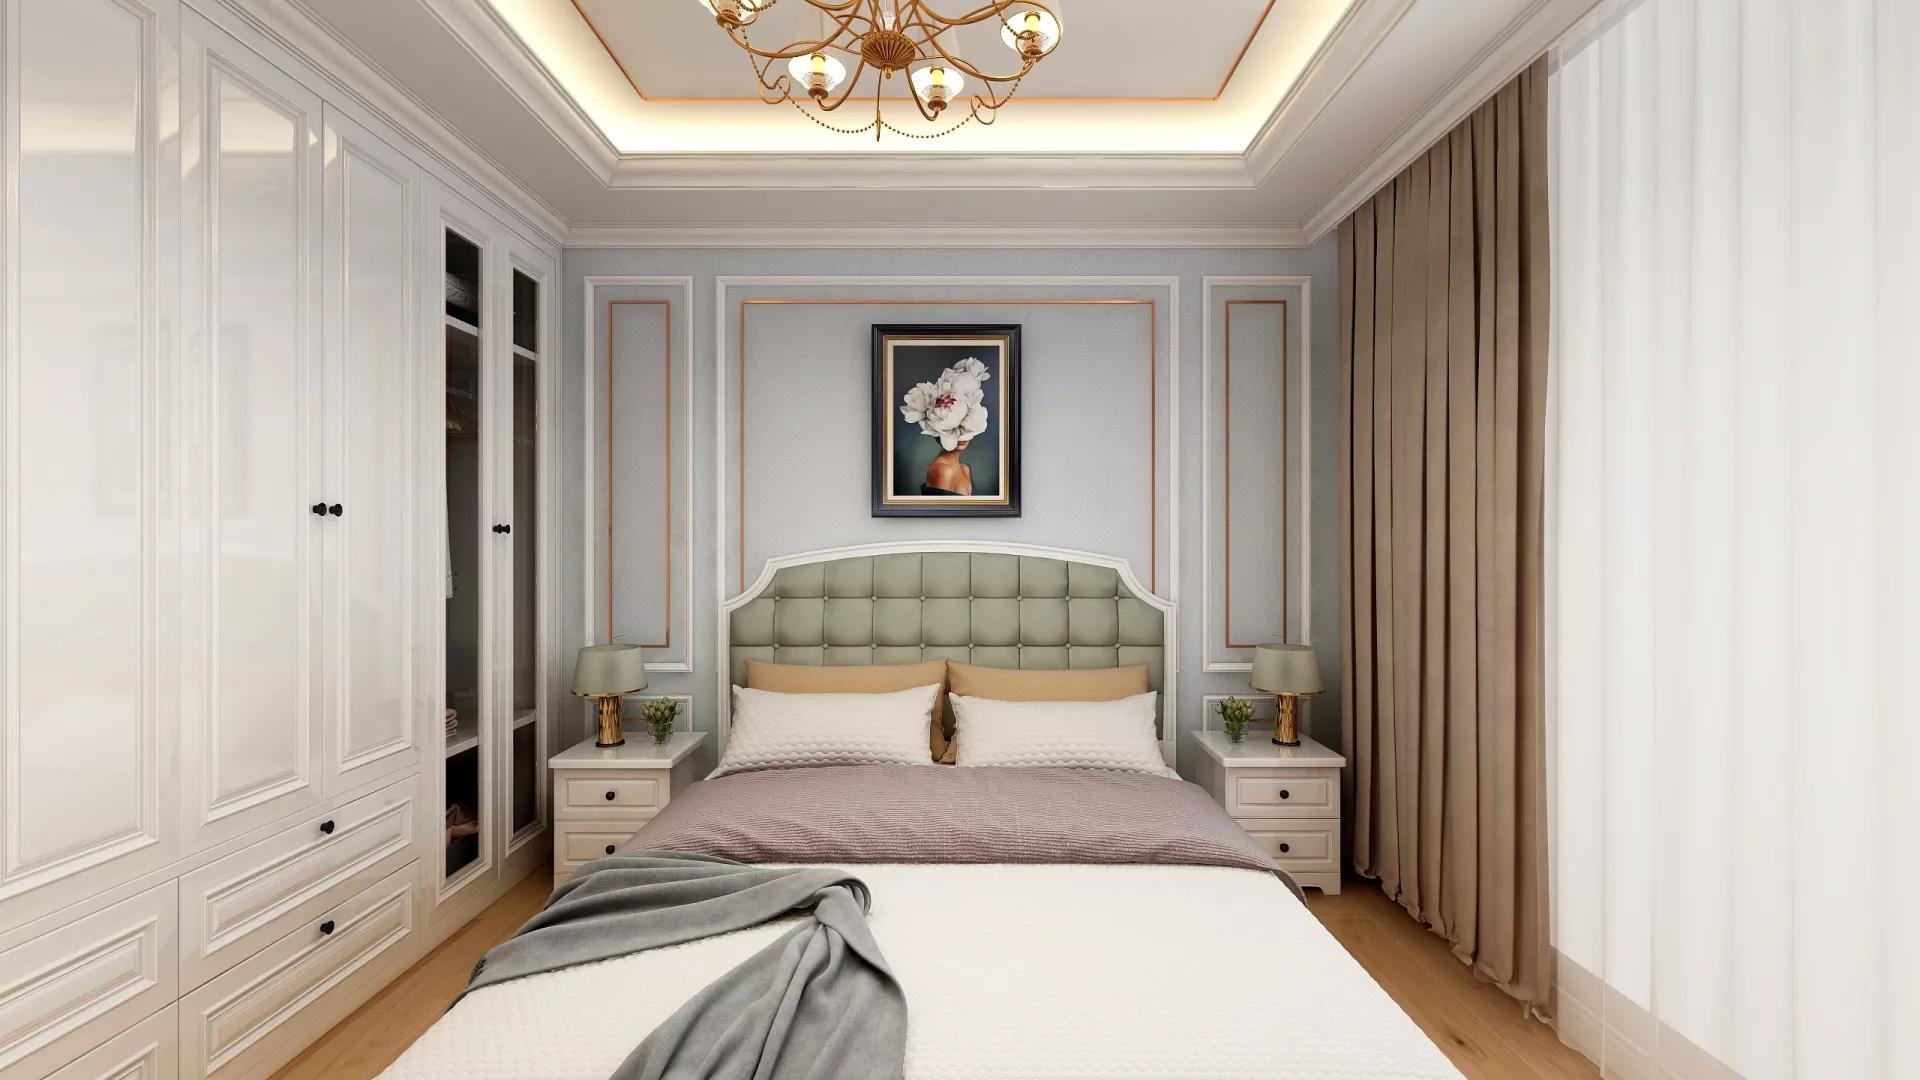 新房哪些地方可以挂画 家居装饰挂画选择